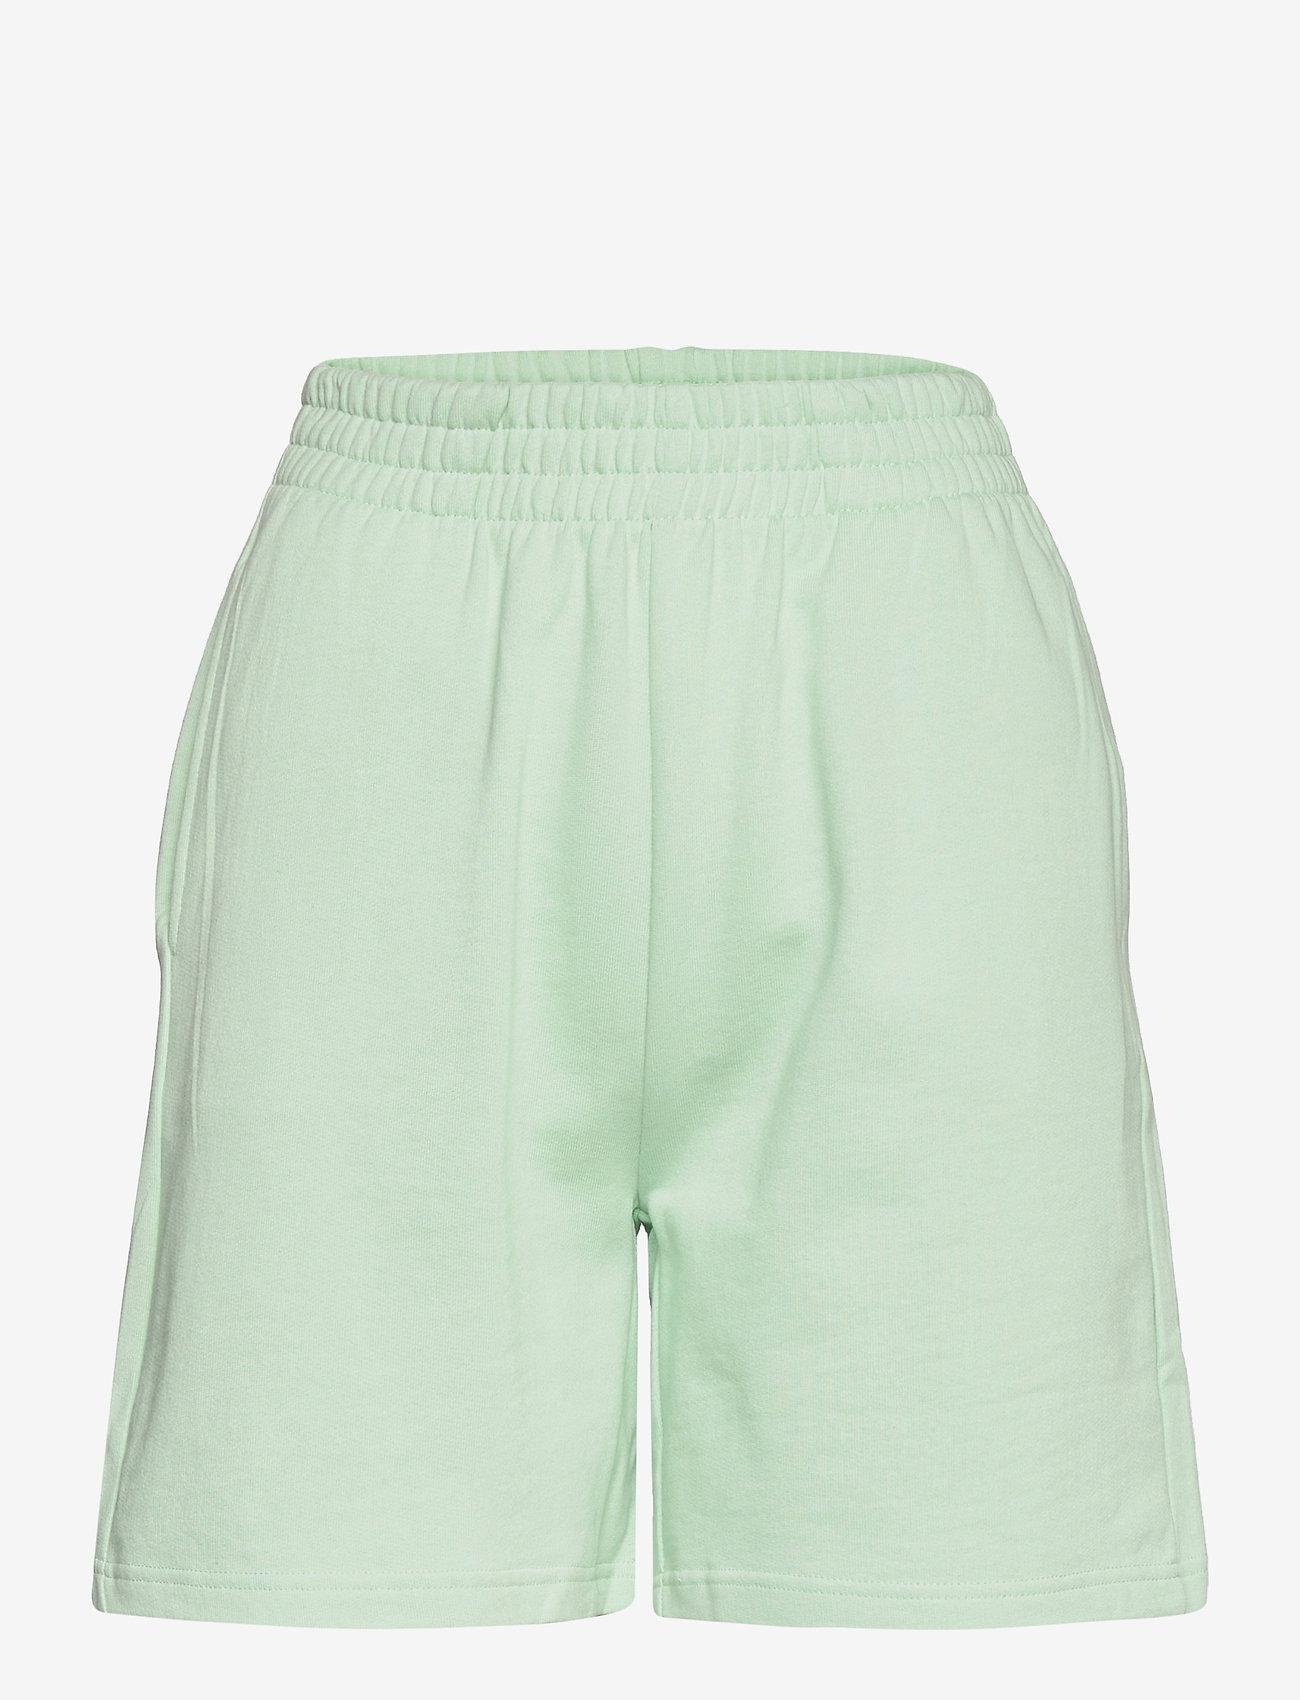 Gina Tricot - Nora shorts - shorts casual - gossamer green (6464) - 0